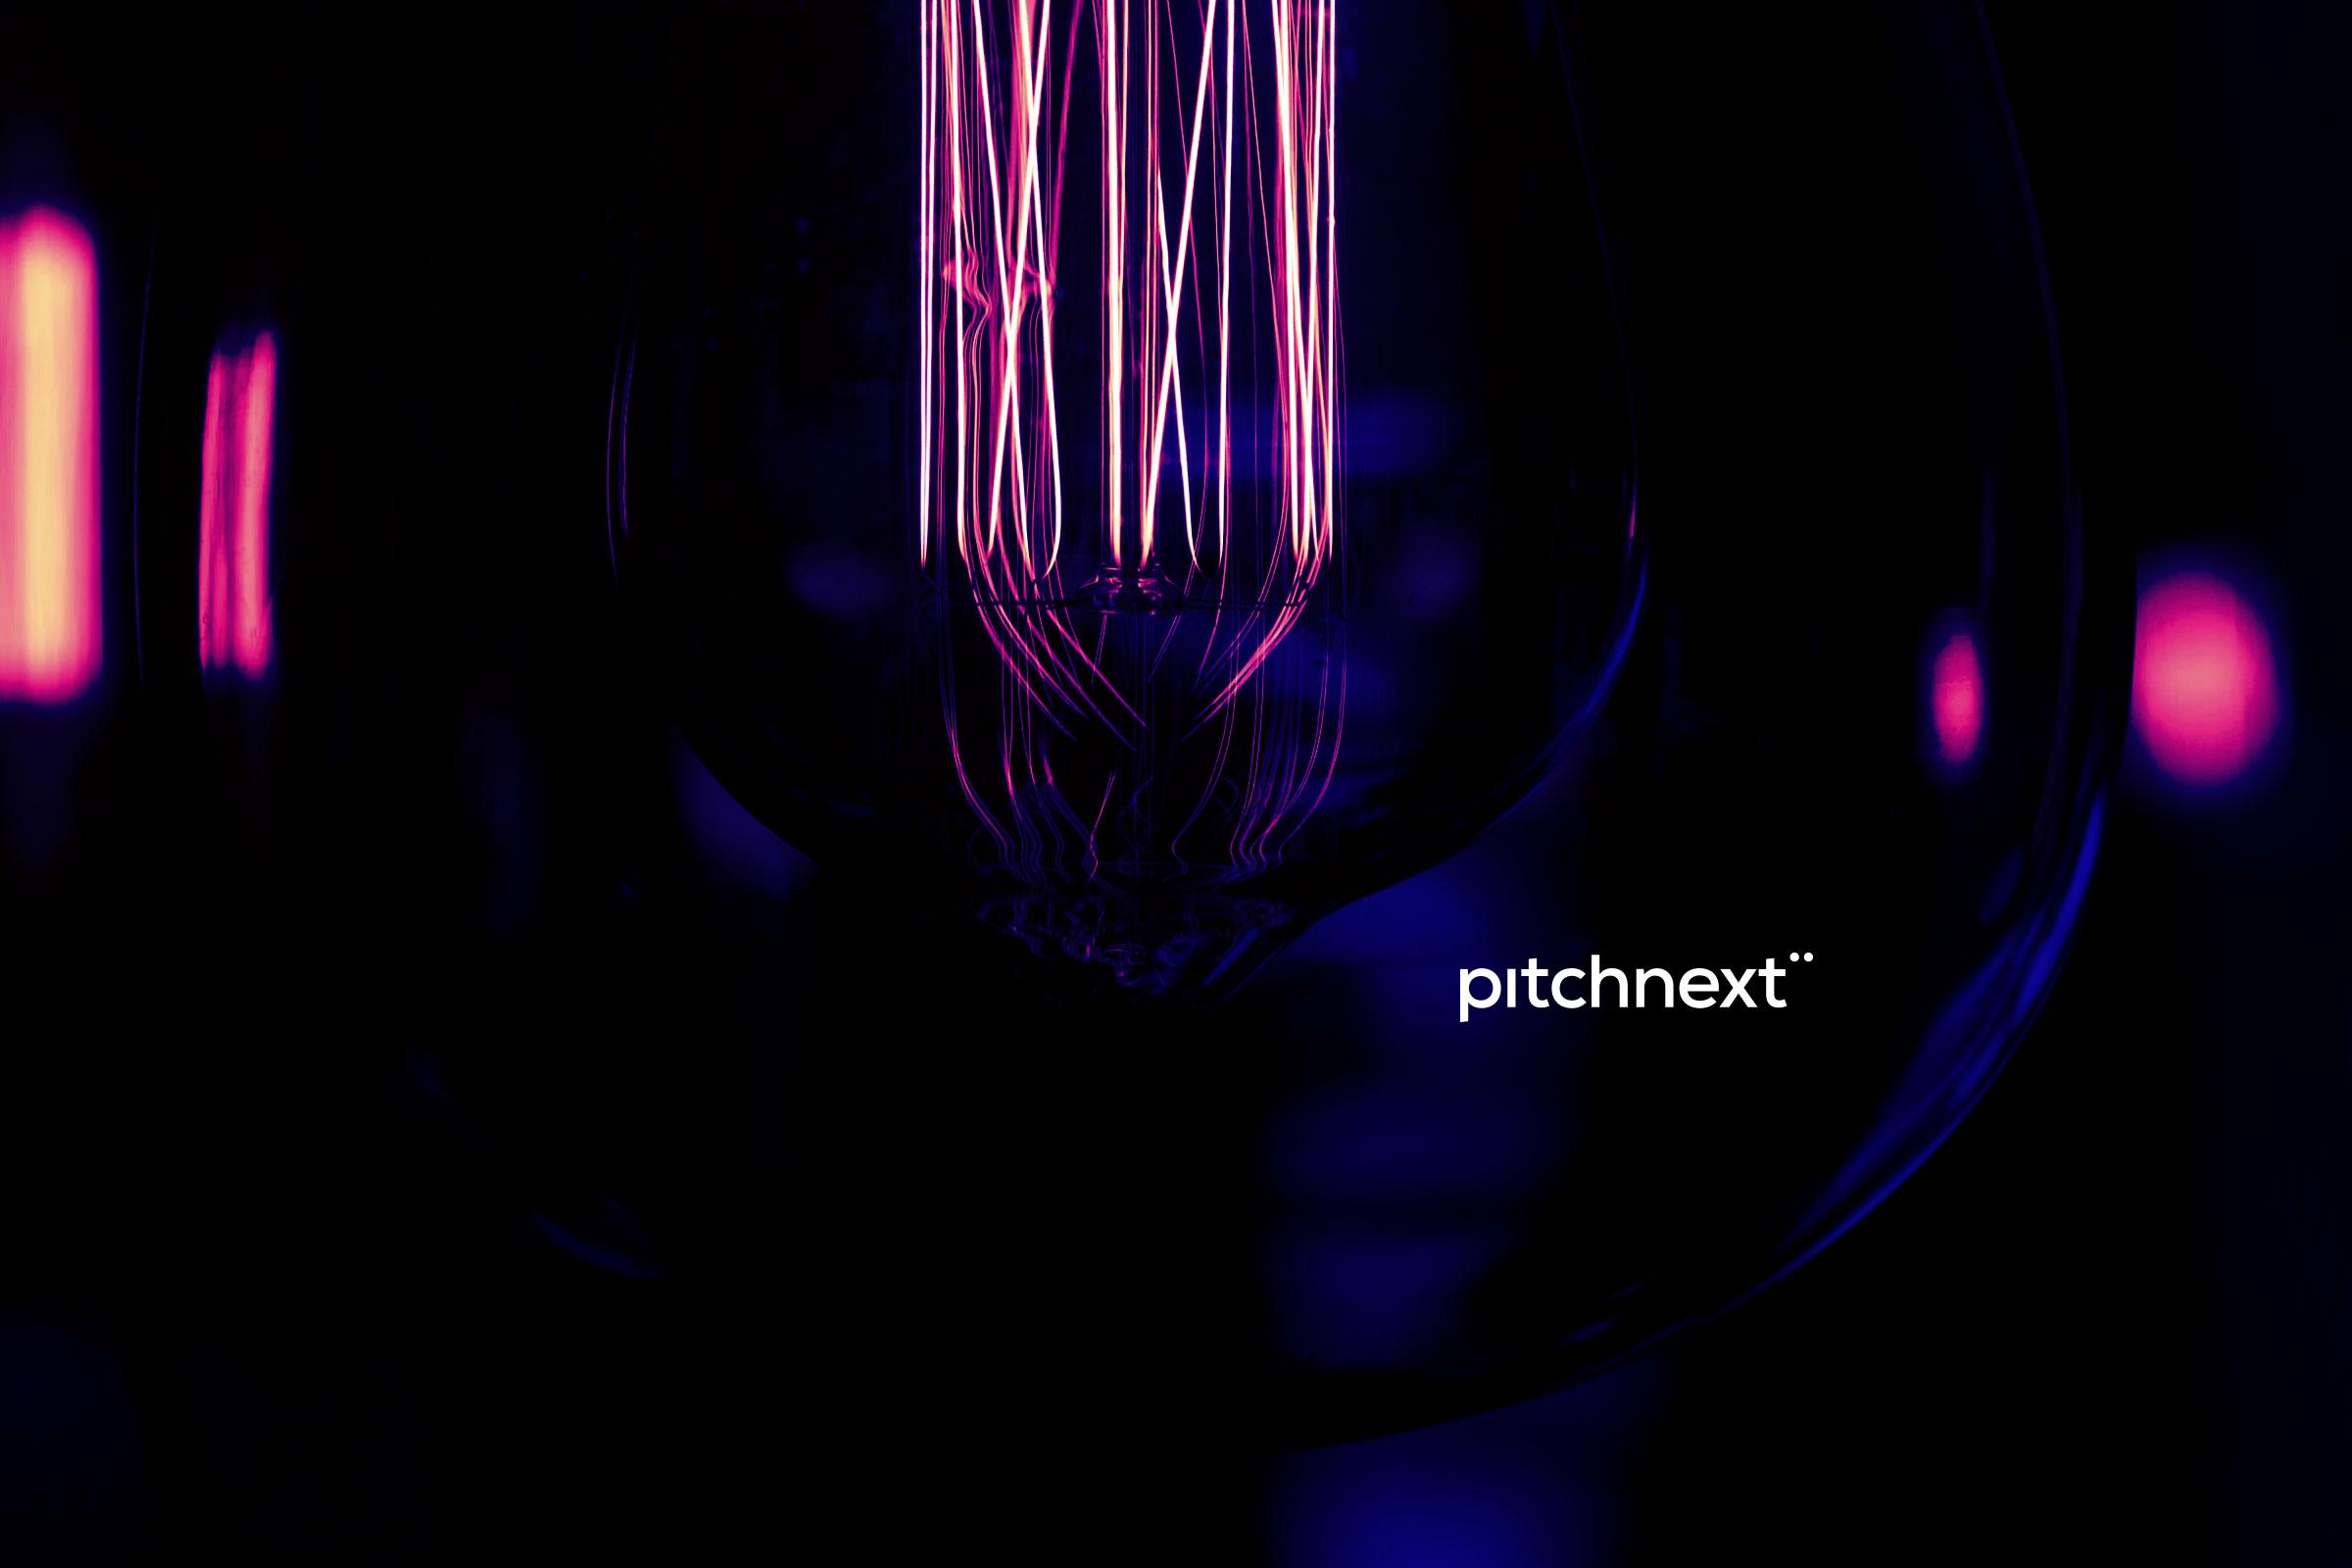 Pitchnext-4